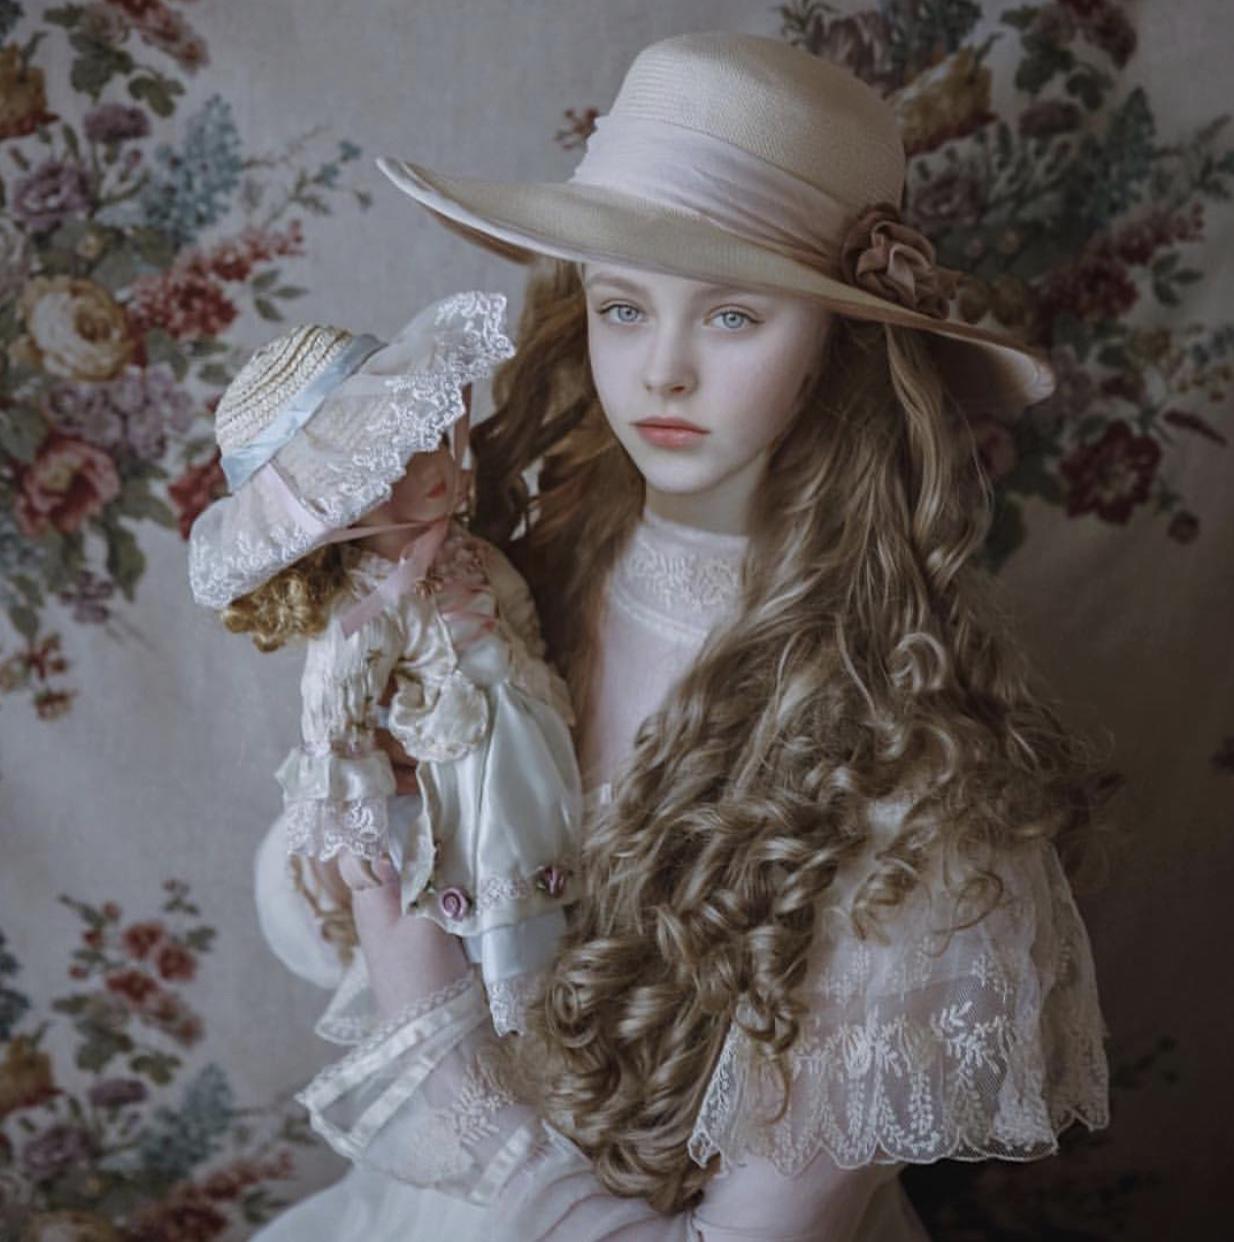 Vintage 古董婚纱 复古婚纱旅拍连衣裙